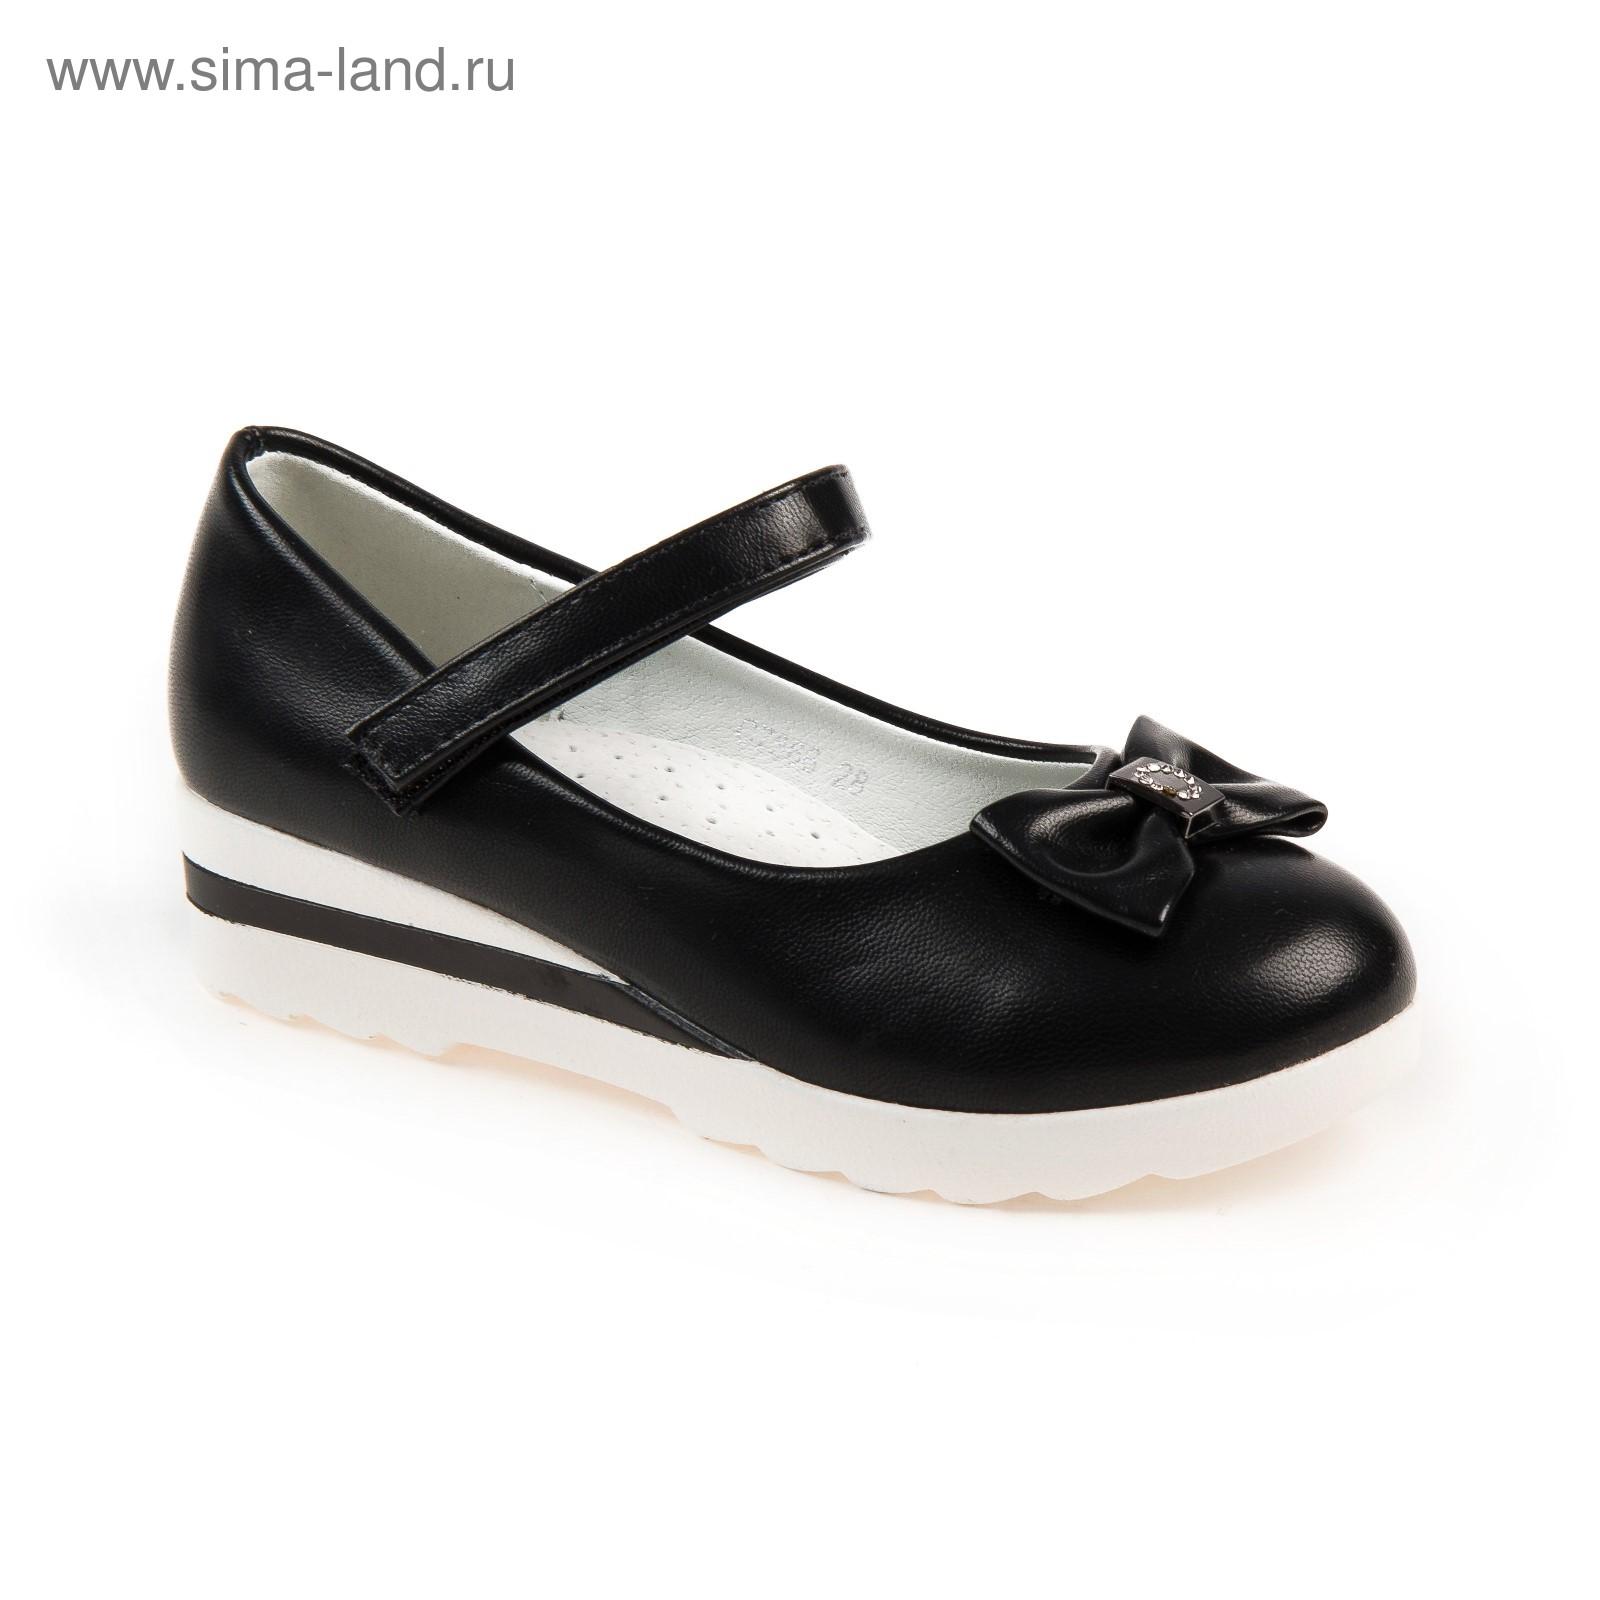 050852ecd Туфли для девочек арт. С7366 (чёрный) (р. 29) (3278803) - Купить по ...